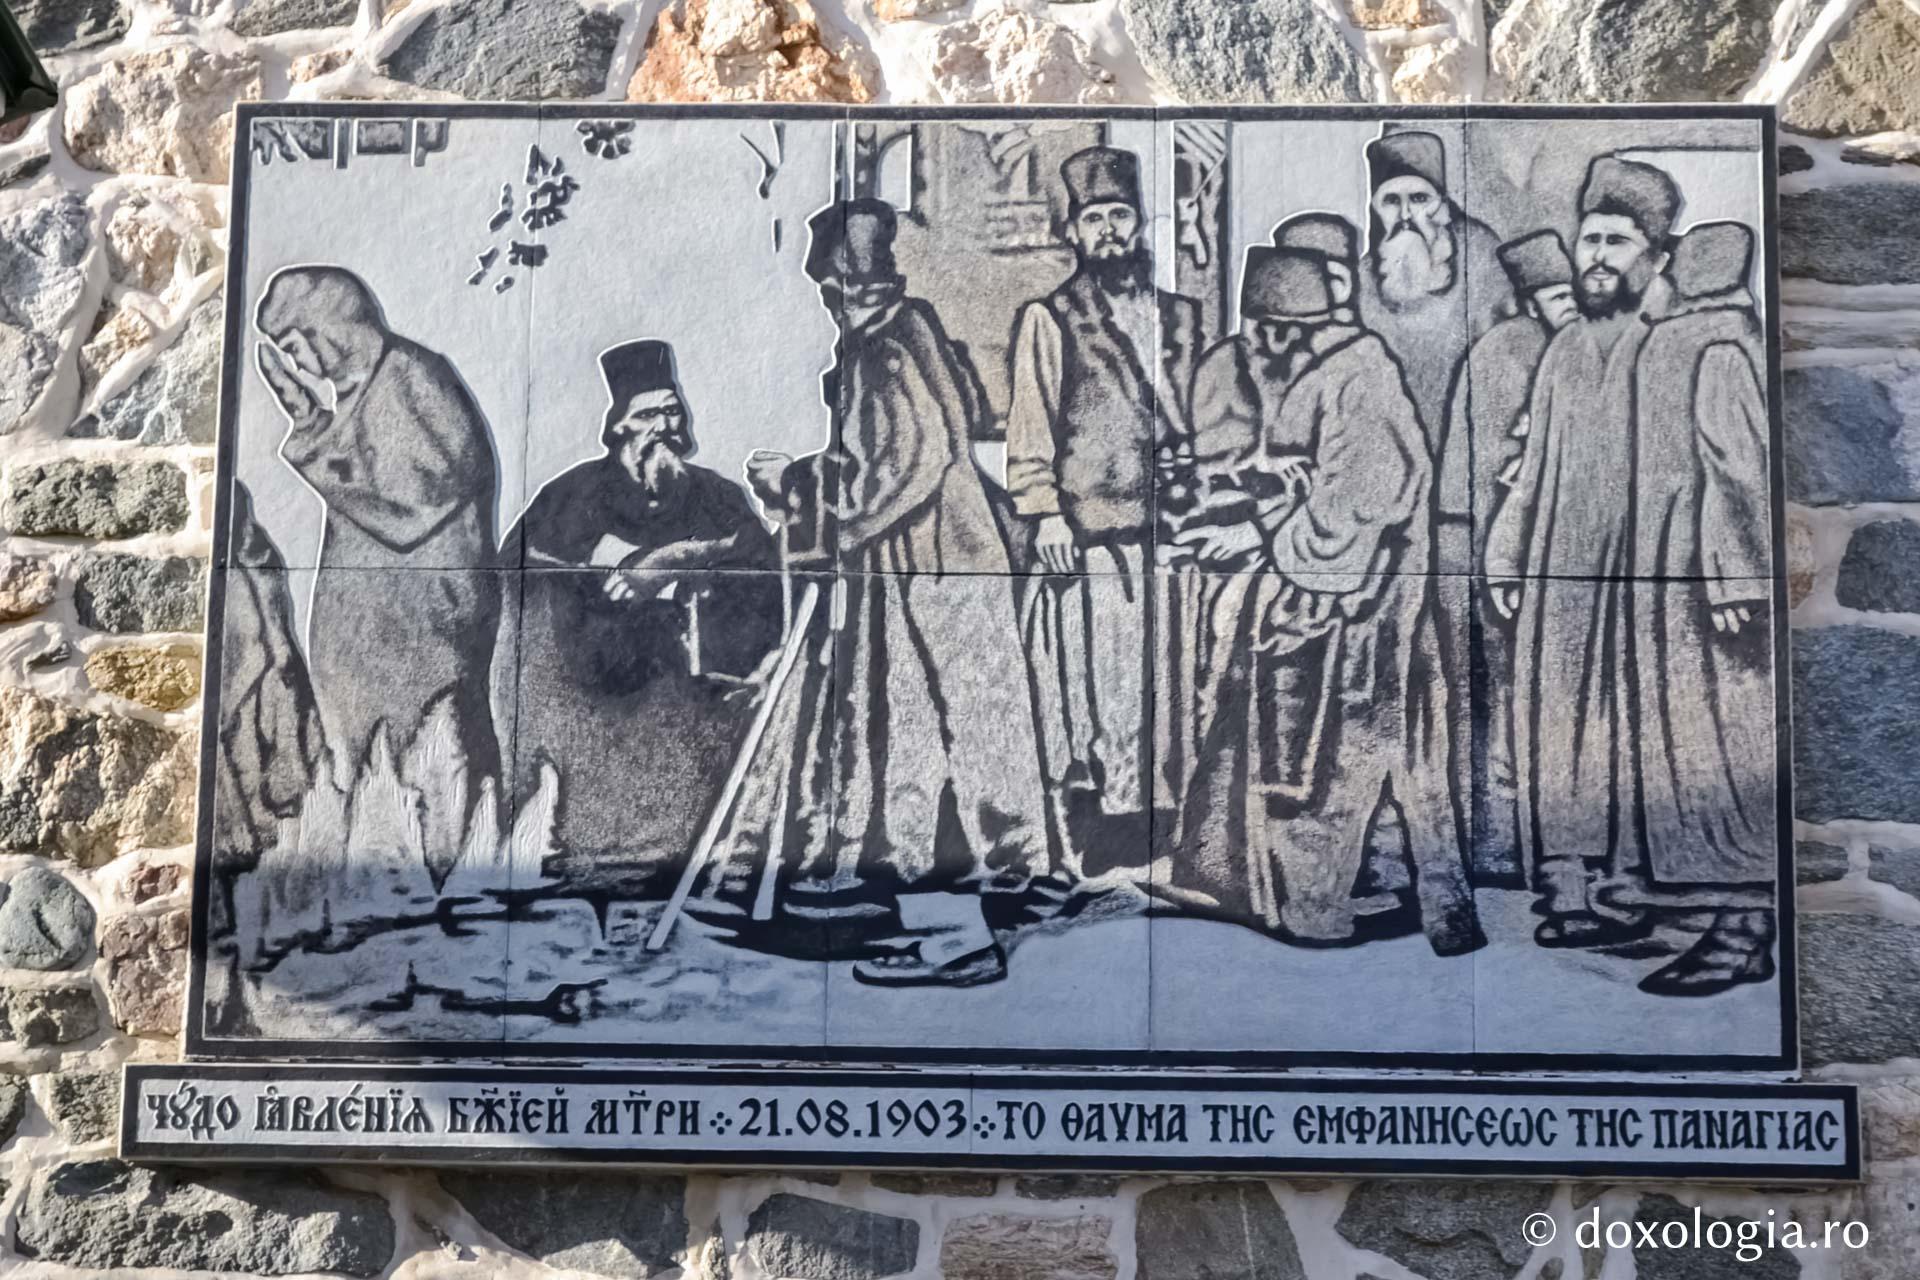 Image result for fotografia cu minunea aparitiei maicii domnului la manastirea sf pantelimon din athos